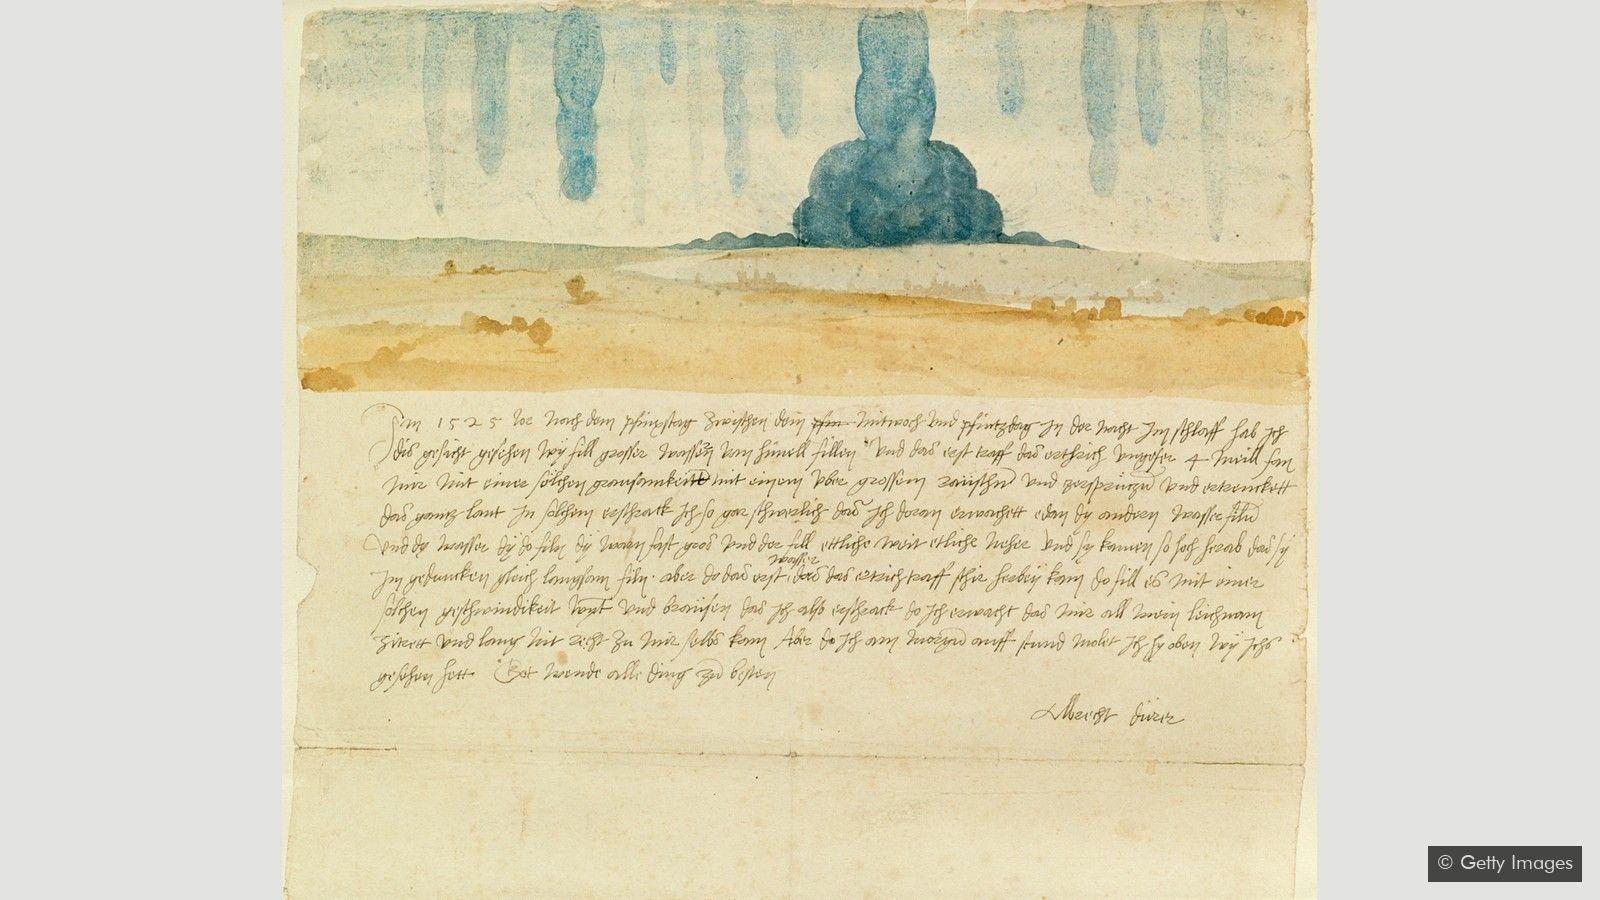 由阿爾布雷希特·杜勒創作的《夢的視覺》是已知的西方藝術中最早對藝術家個人夢境的描繪。